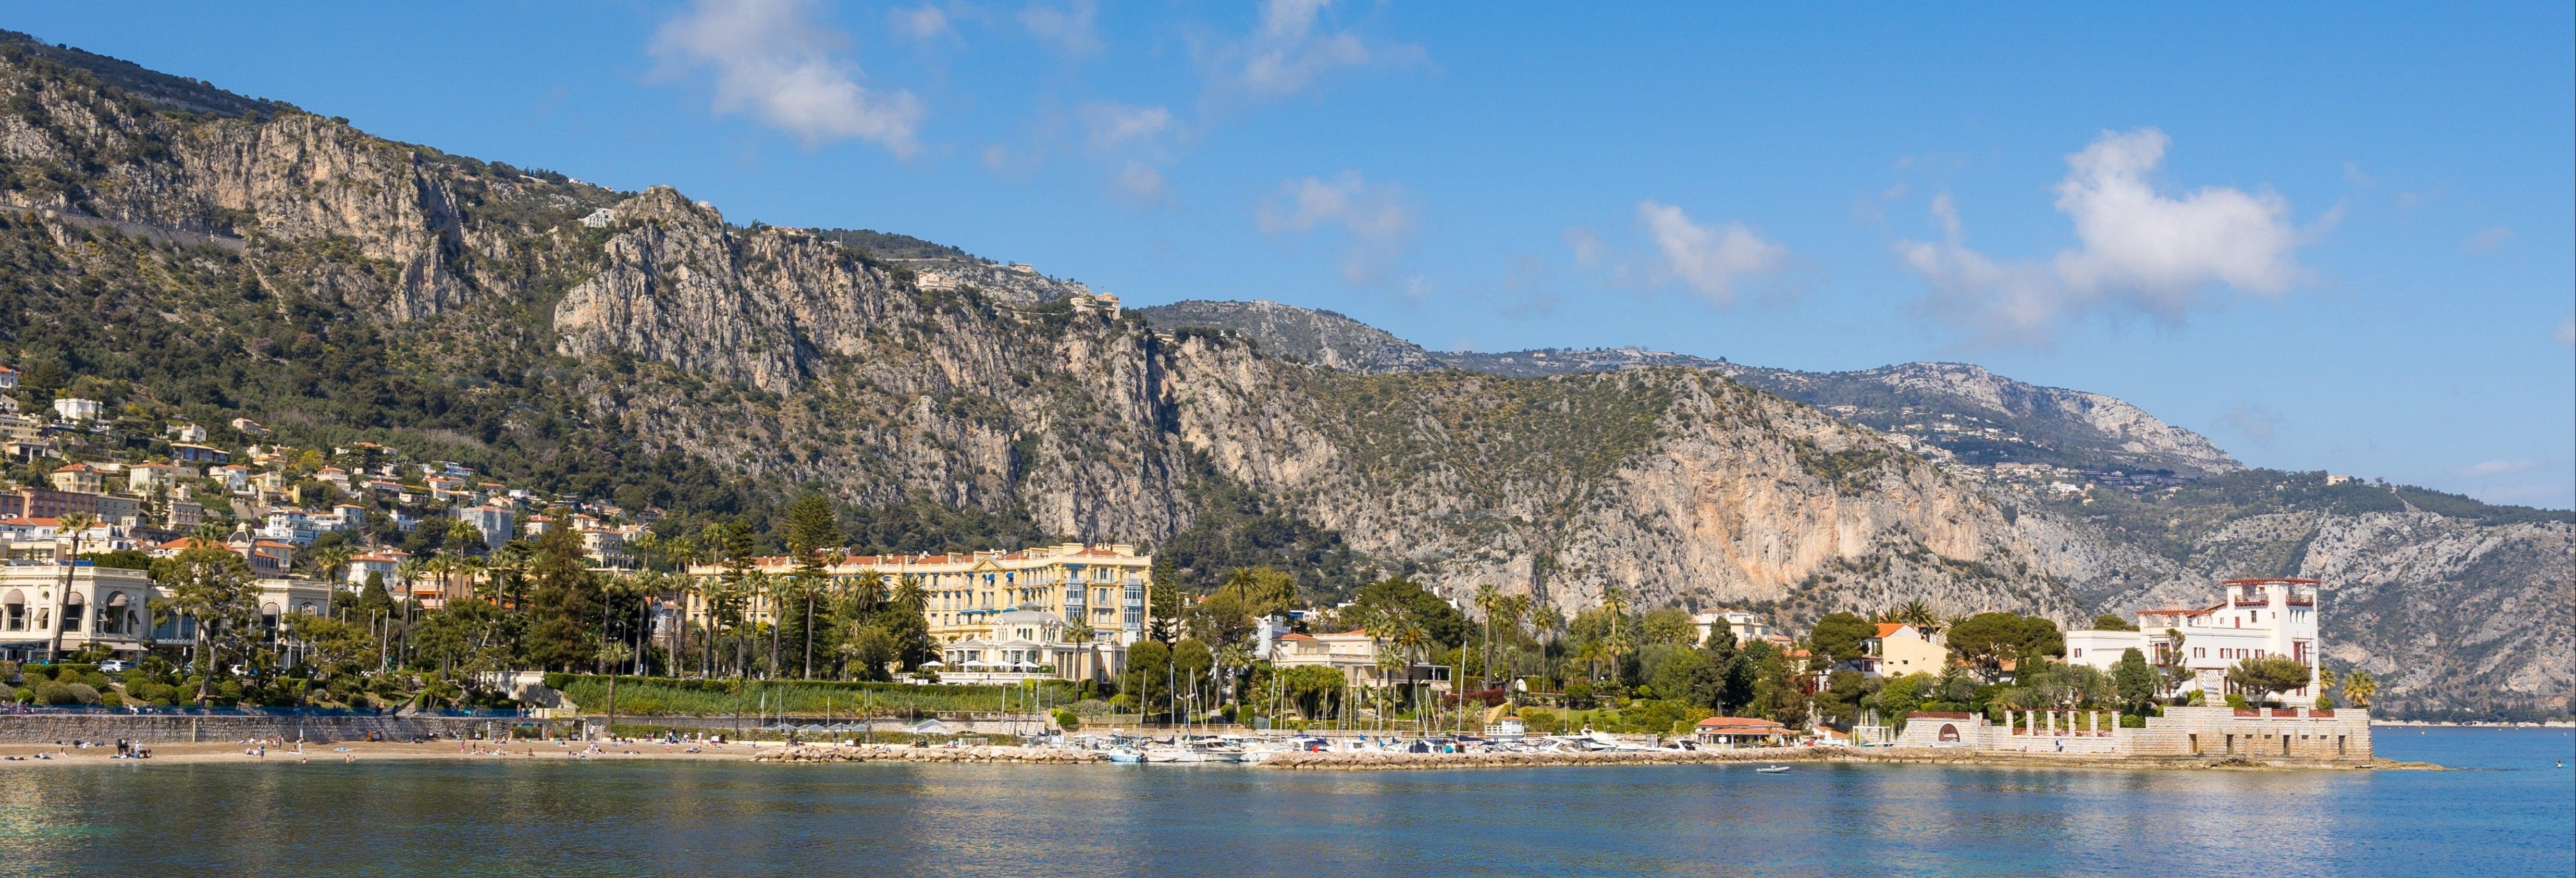 Giro in barca privato in Costa Azzurra